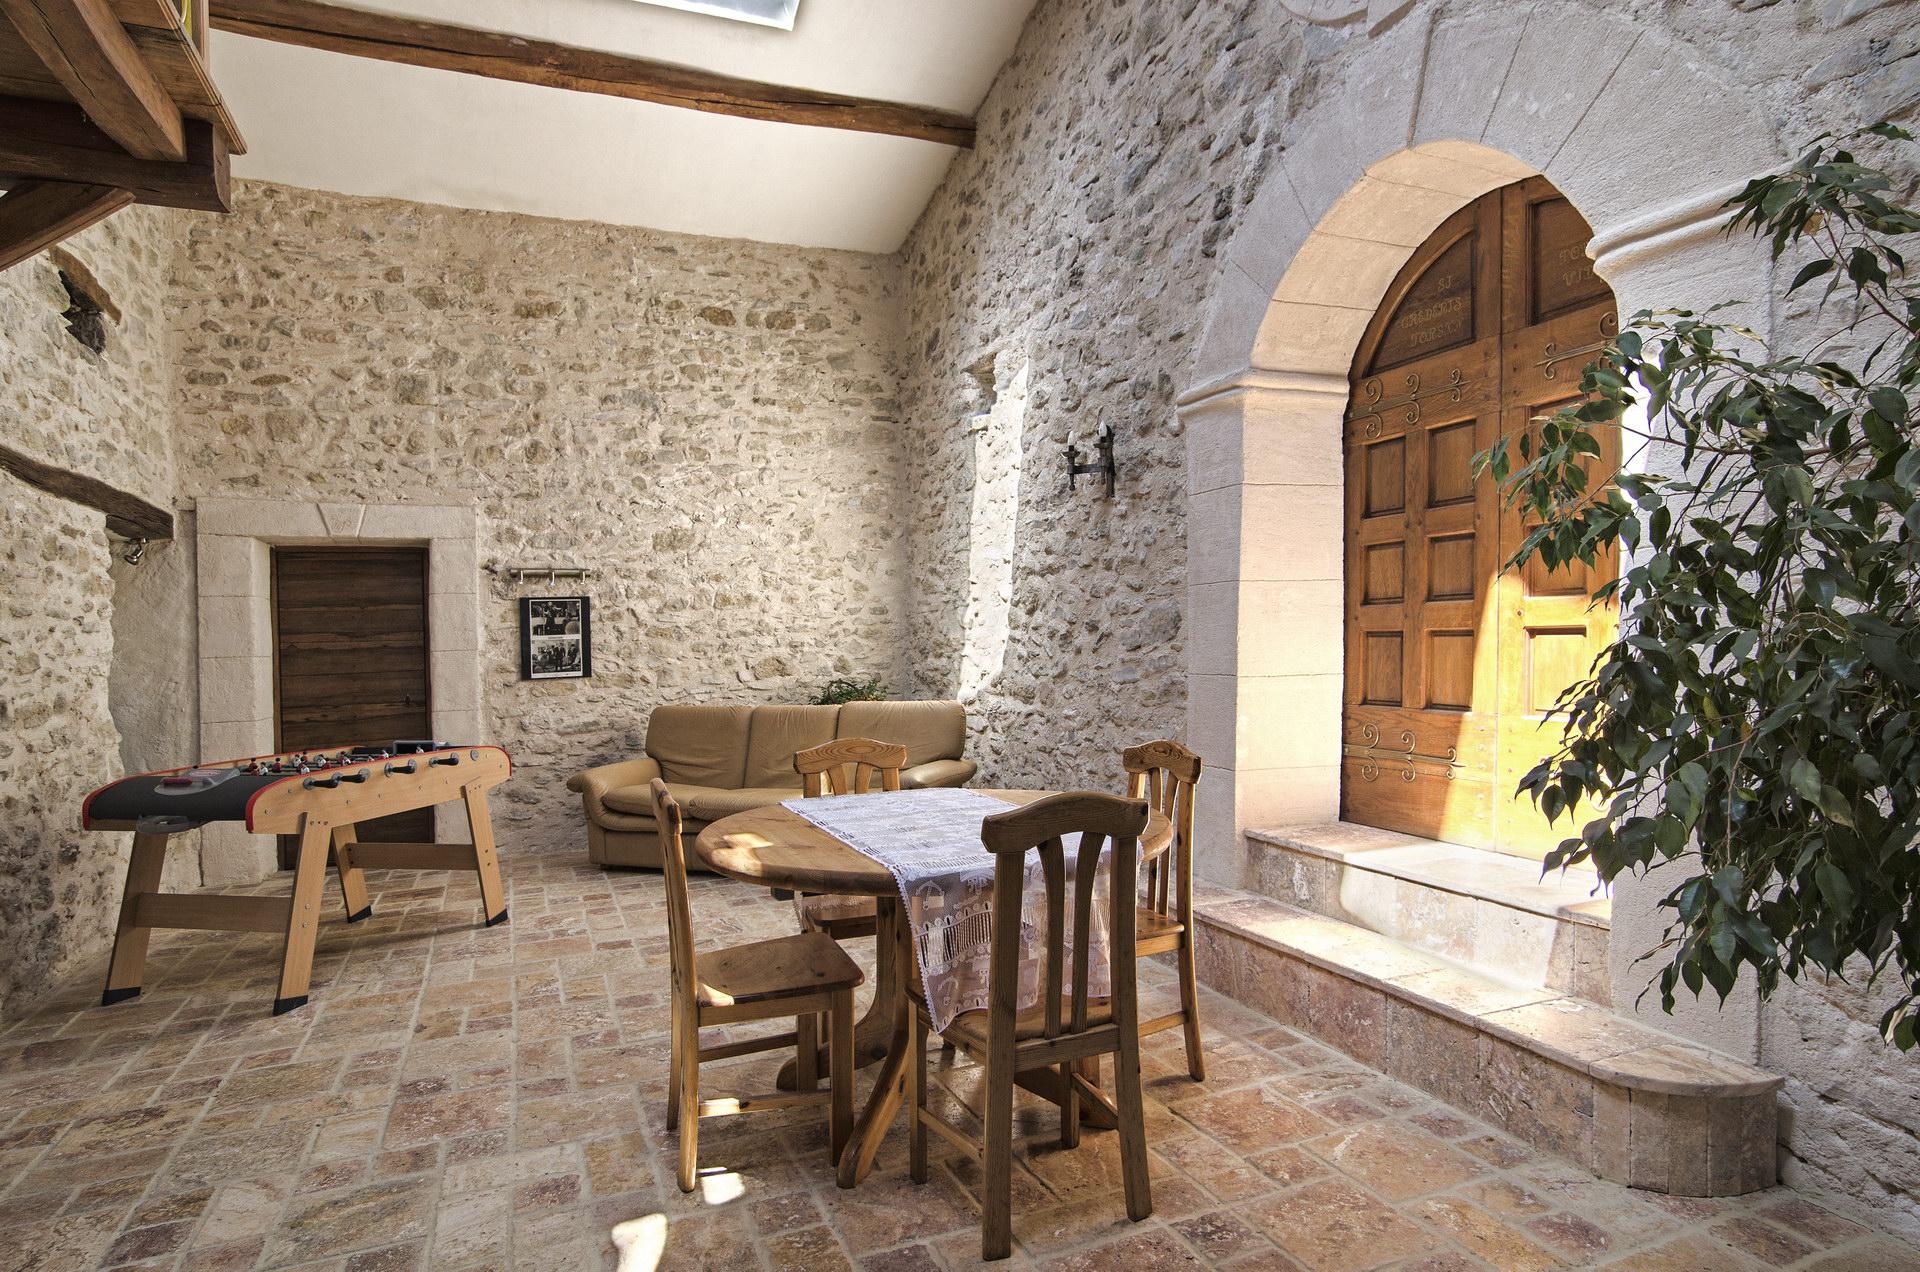 Fontaine Neuve gites et chambres d'hôtes à Lure : le patio aménagé